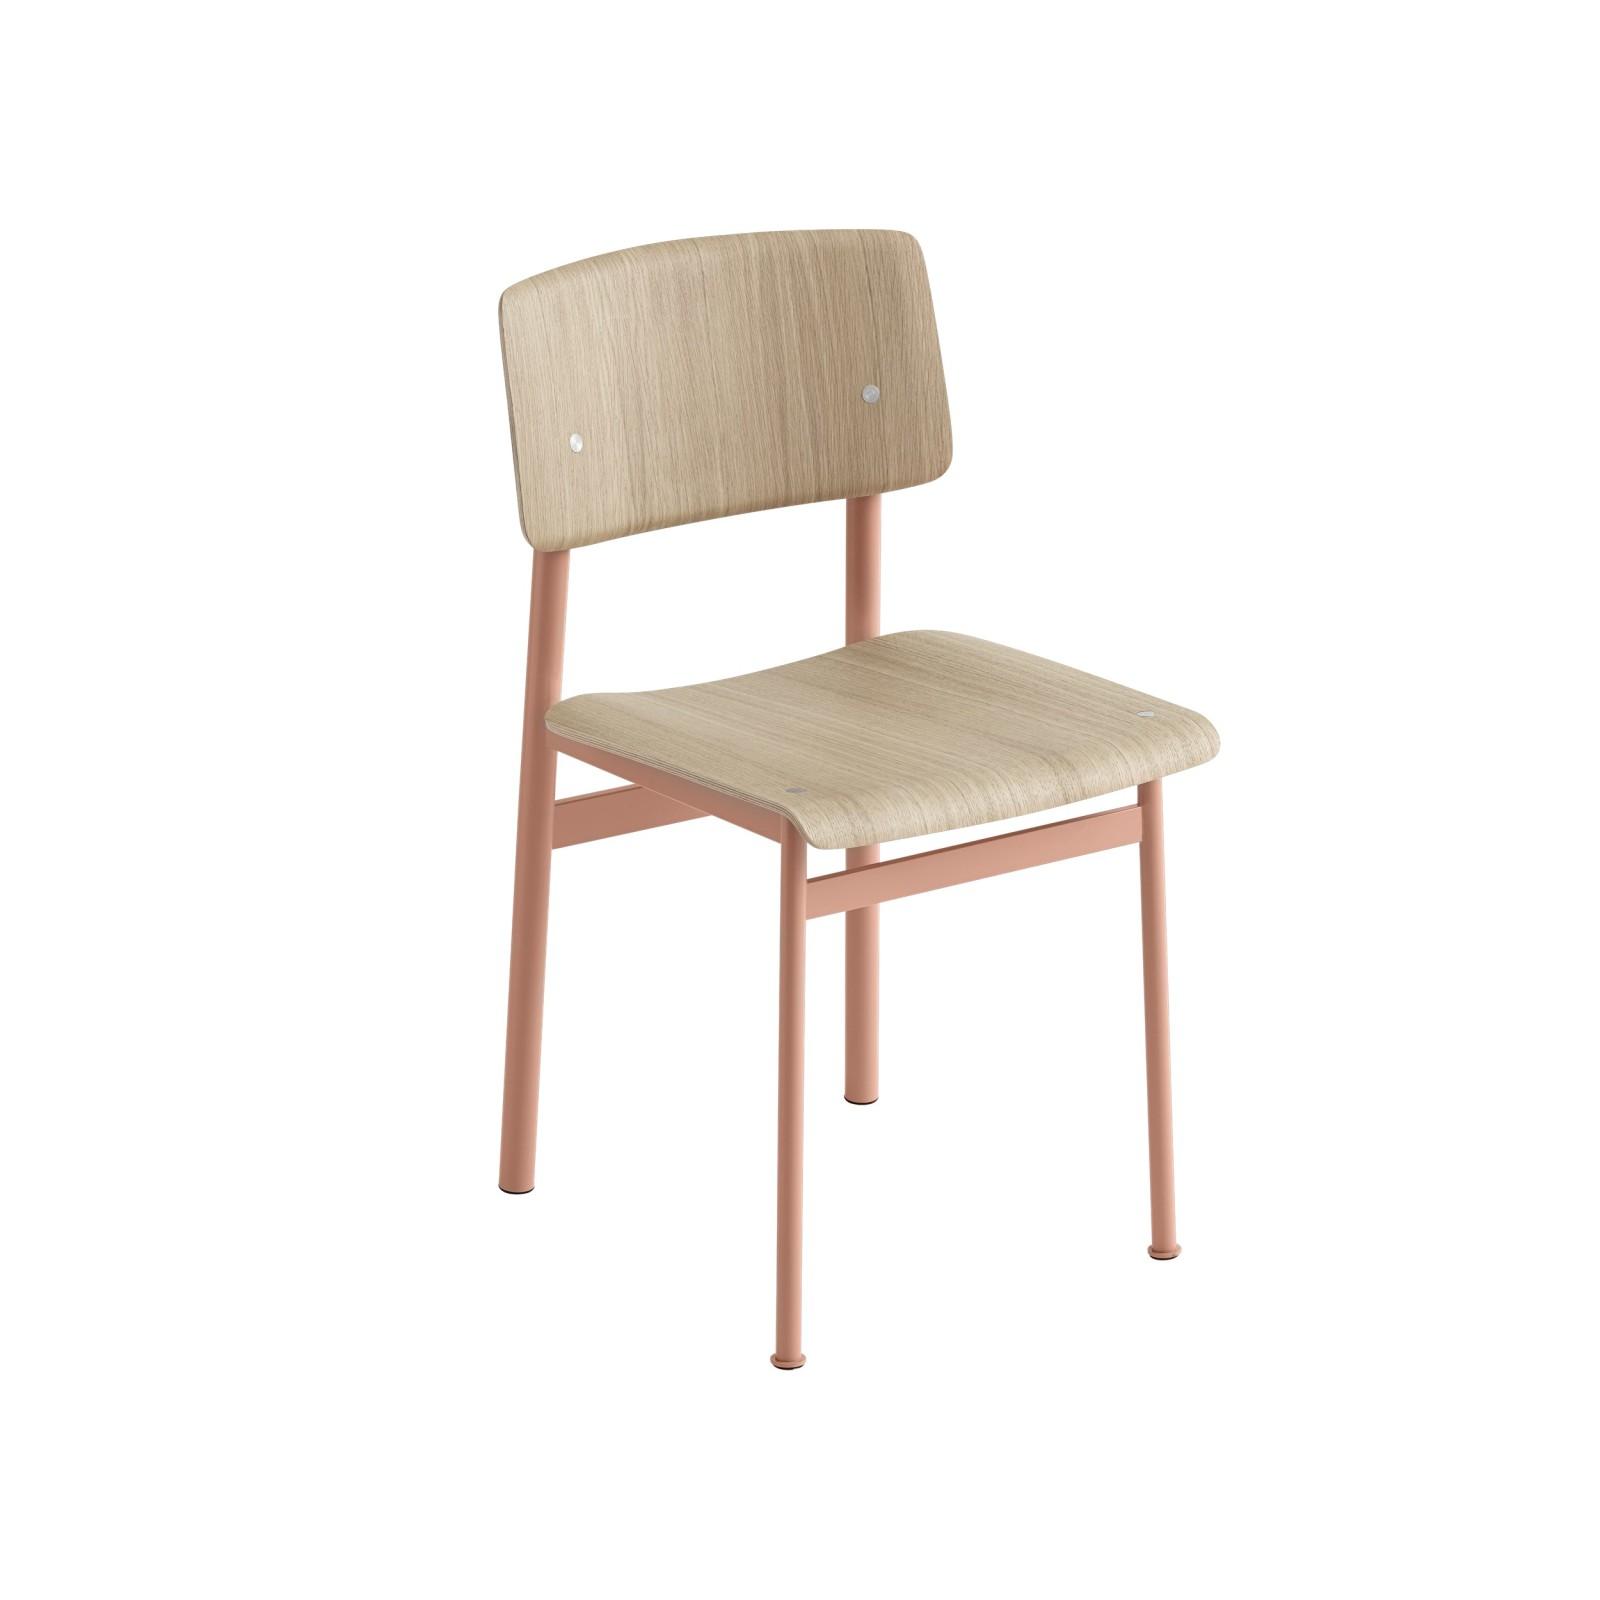 Loft Chair Dusty Rose/Oak